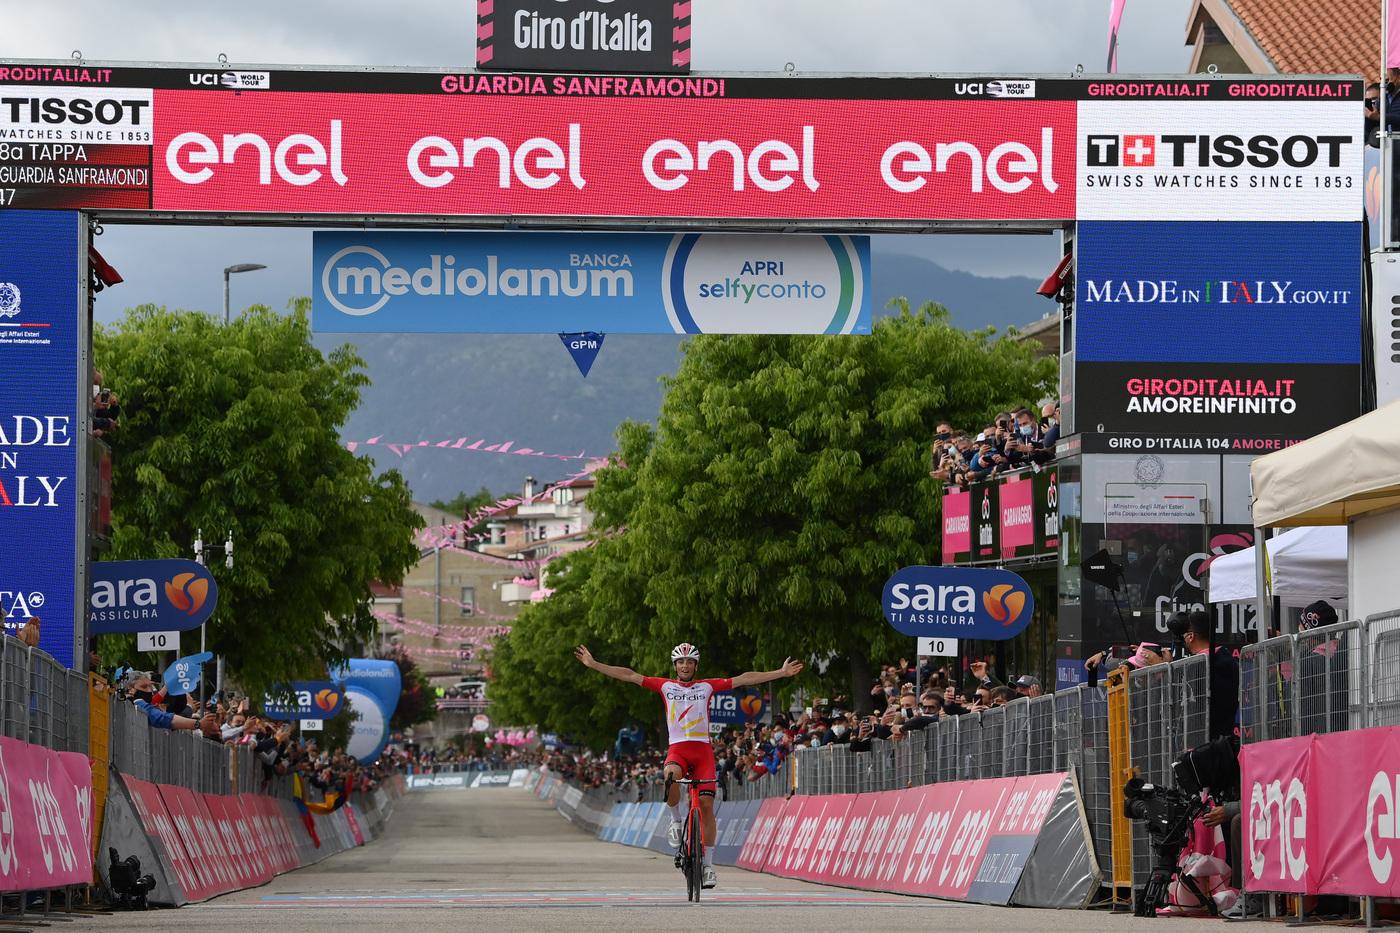 Giro d'Italia 2021, pagelle di oggi: dominio per Lafay, bene Gavazzi e Carboni. Delude Hindley